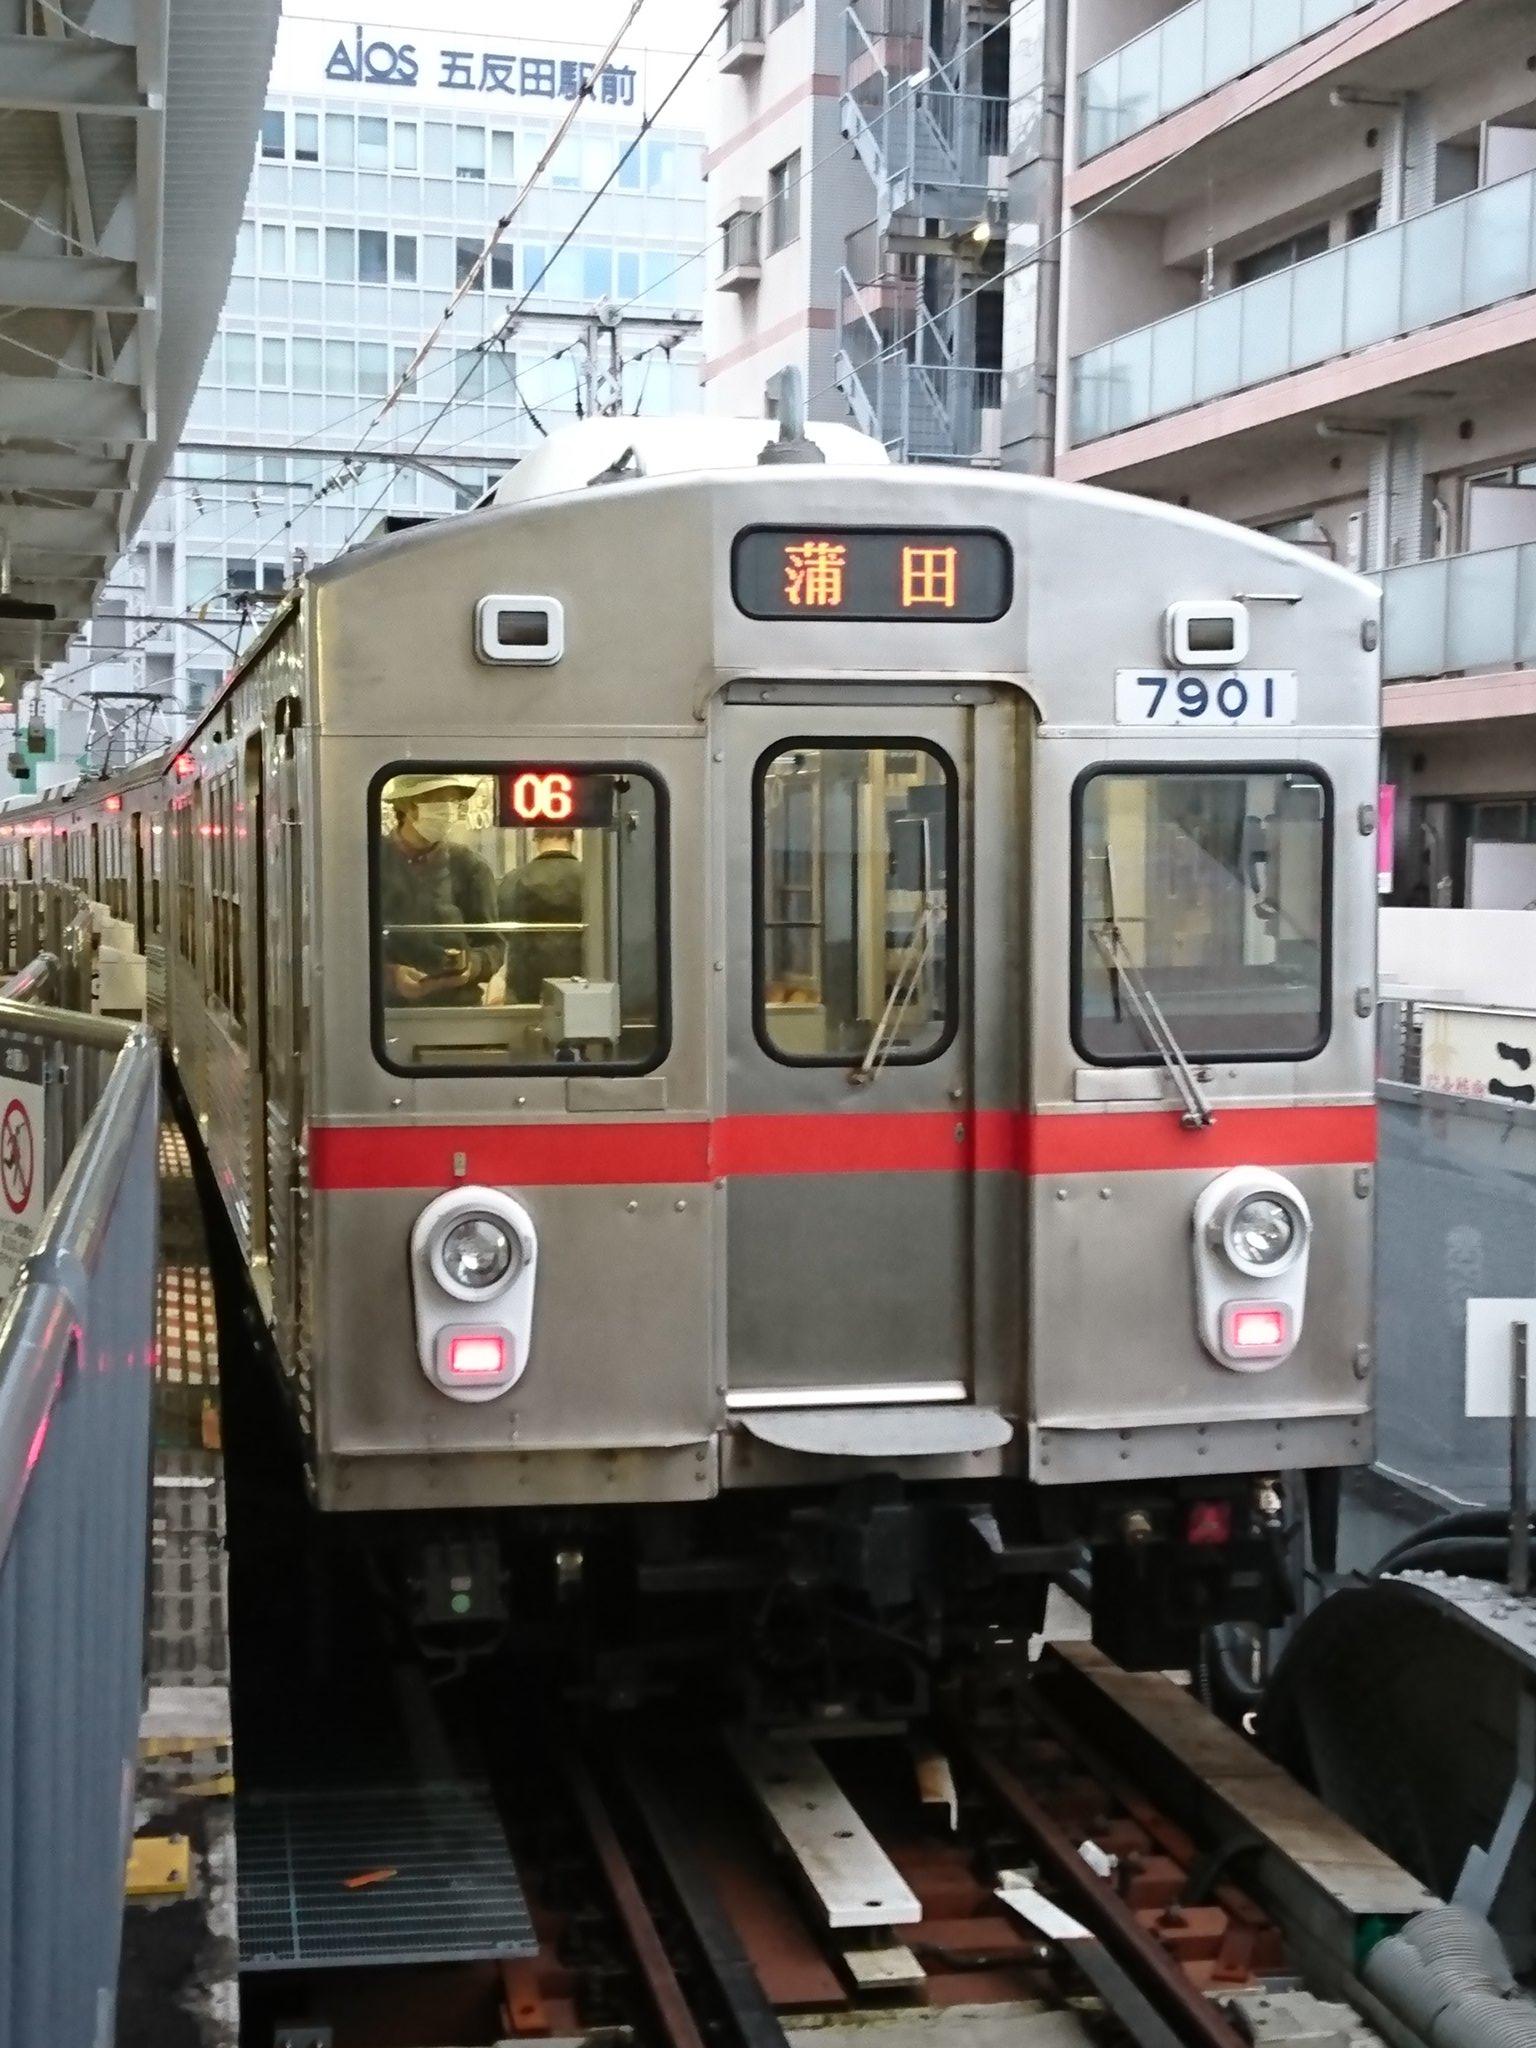 画像,ラスト1本の7700系に乗れた🚃#鉄道 #東急 #五反田駅 #7700系 https://t.co/yXTPUi206Q…